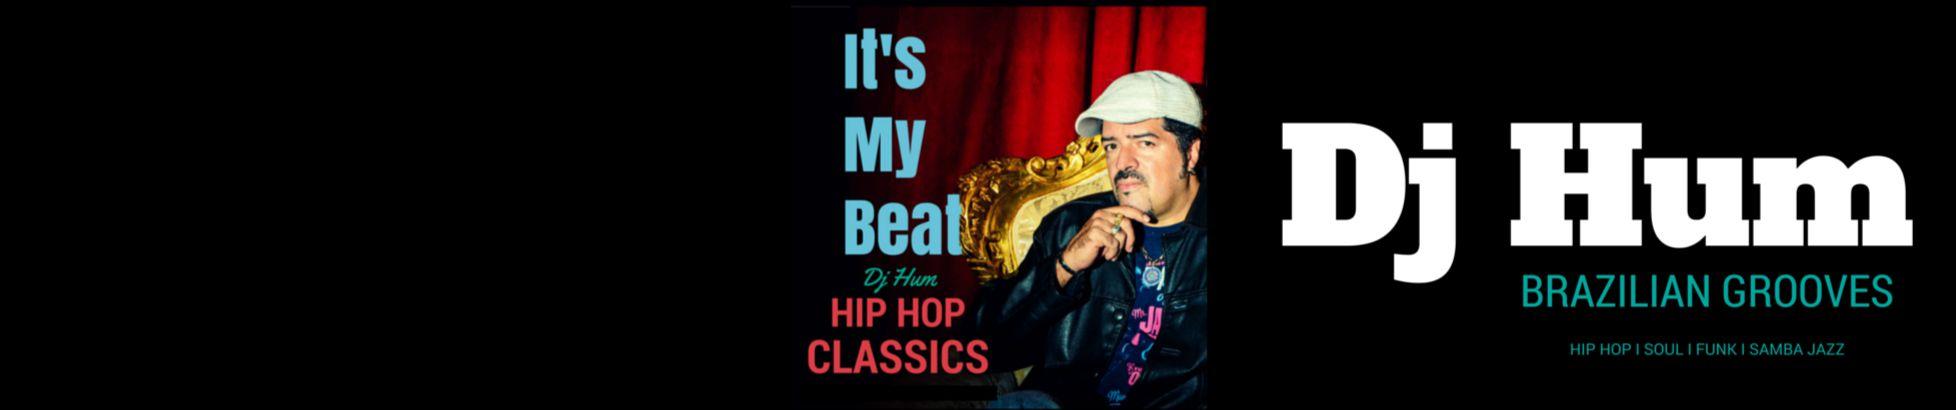 THAIDE DJ HUM BAIXAR CD